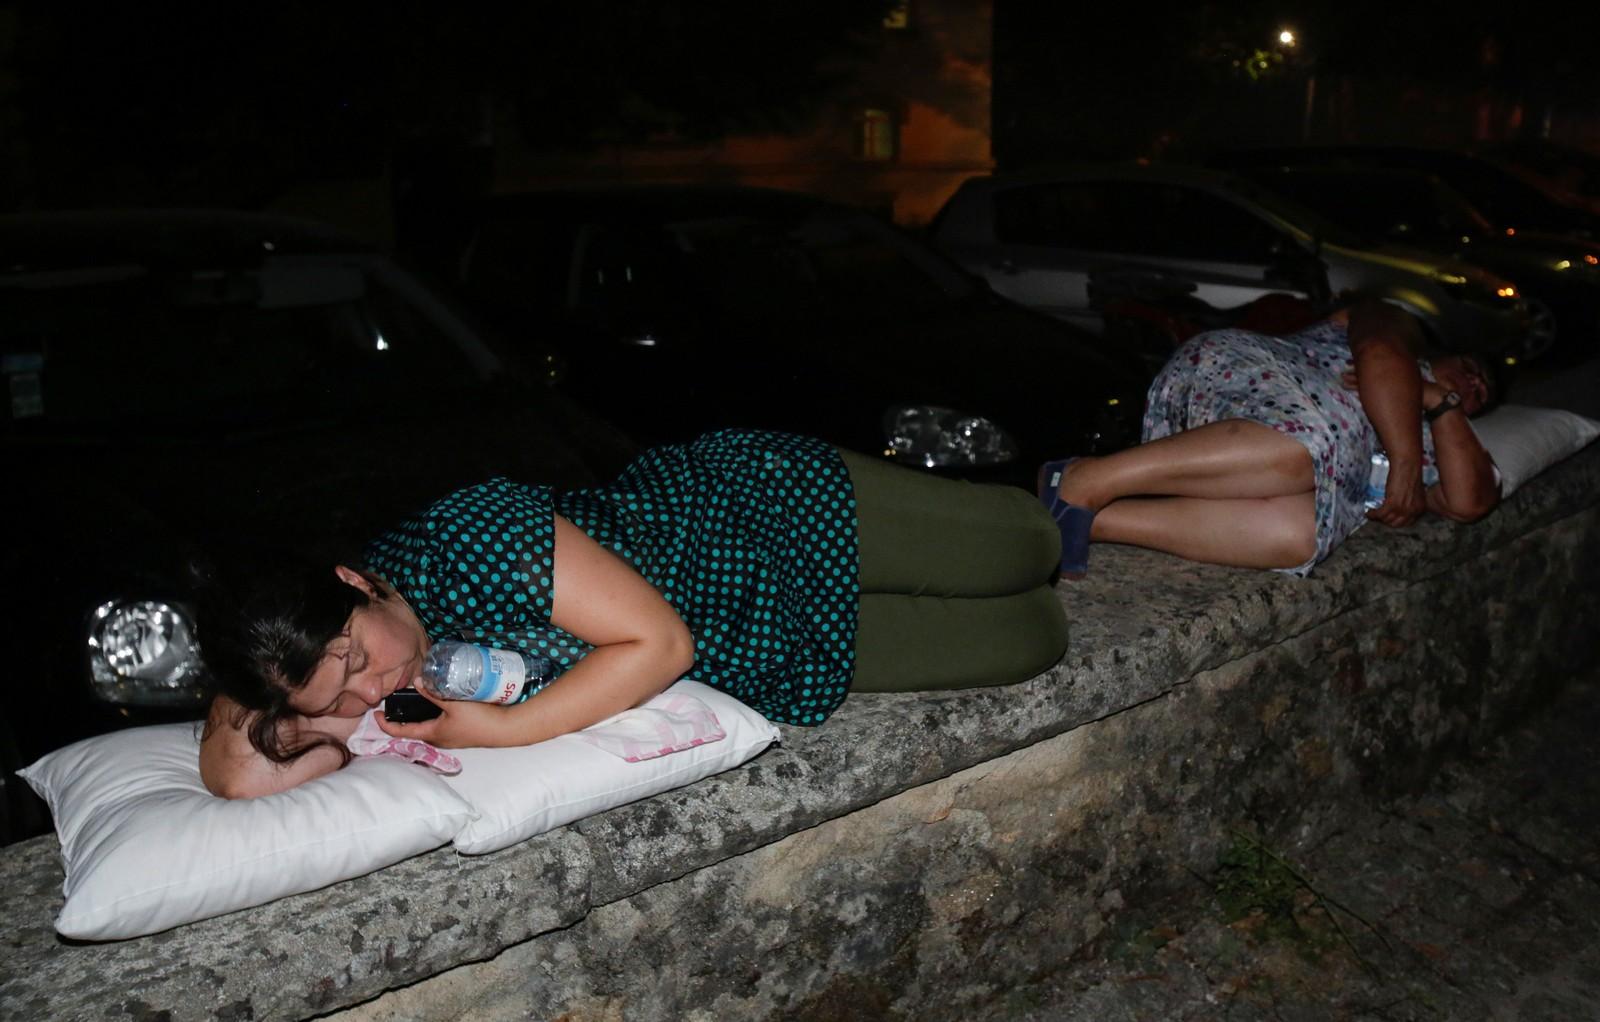 Mange evakuerte måtte tilbringe natta på gata.